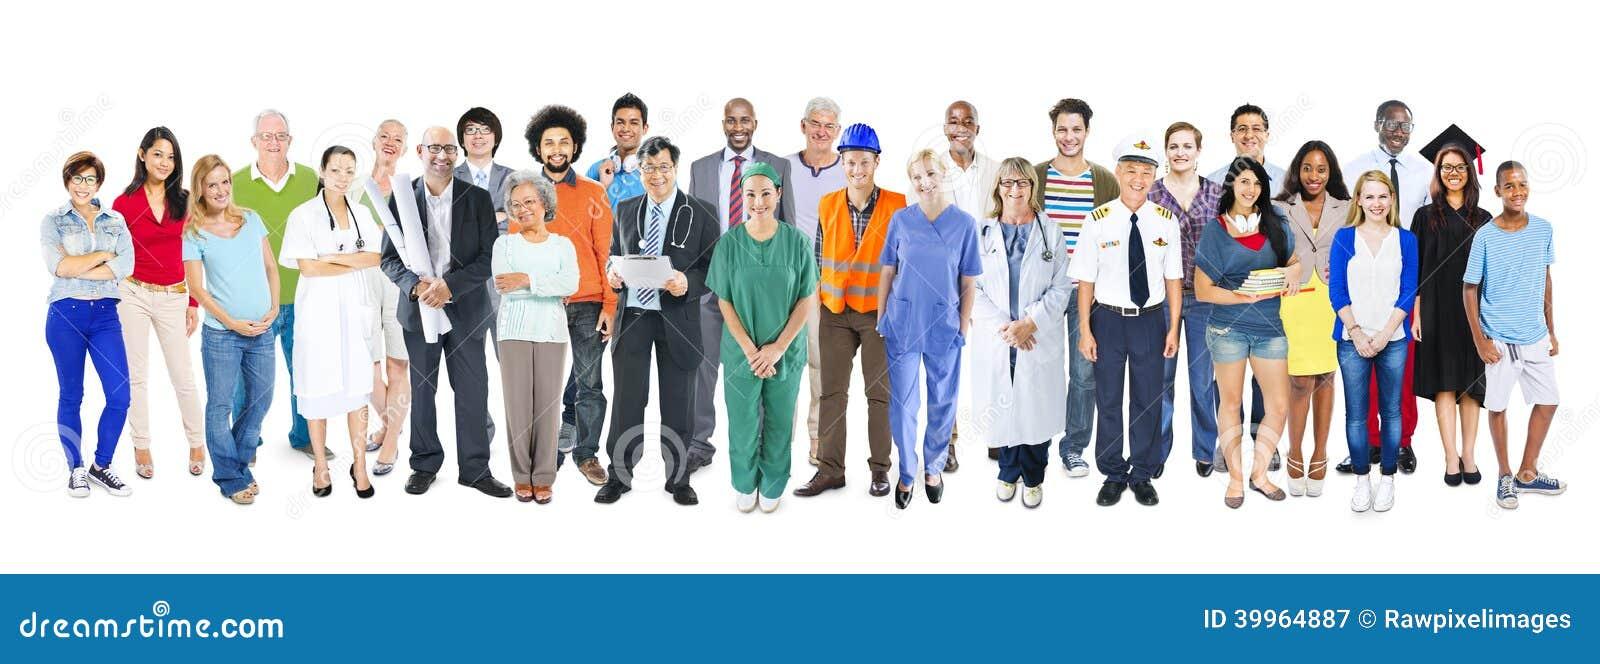 Grupo de gente mezclada diversa multiétnica del empleo